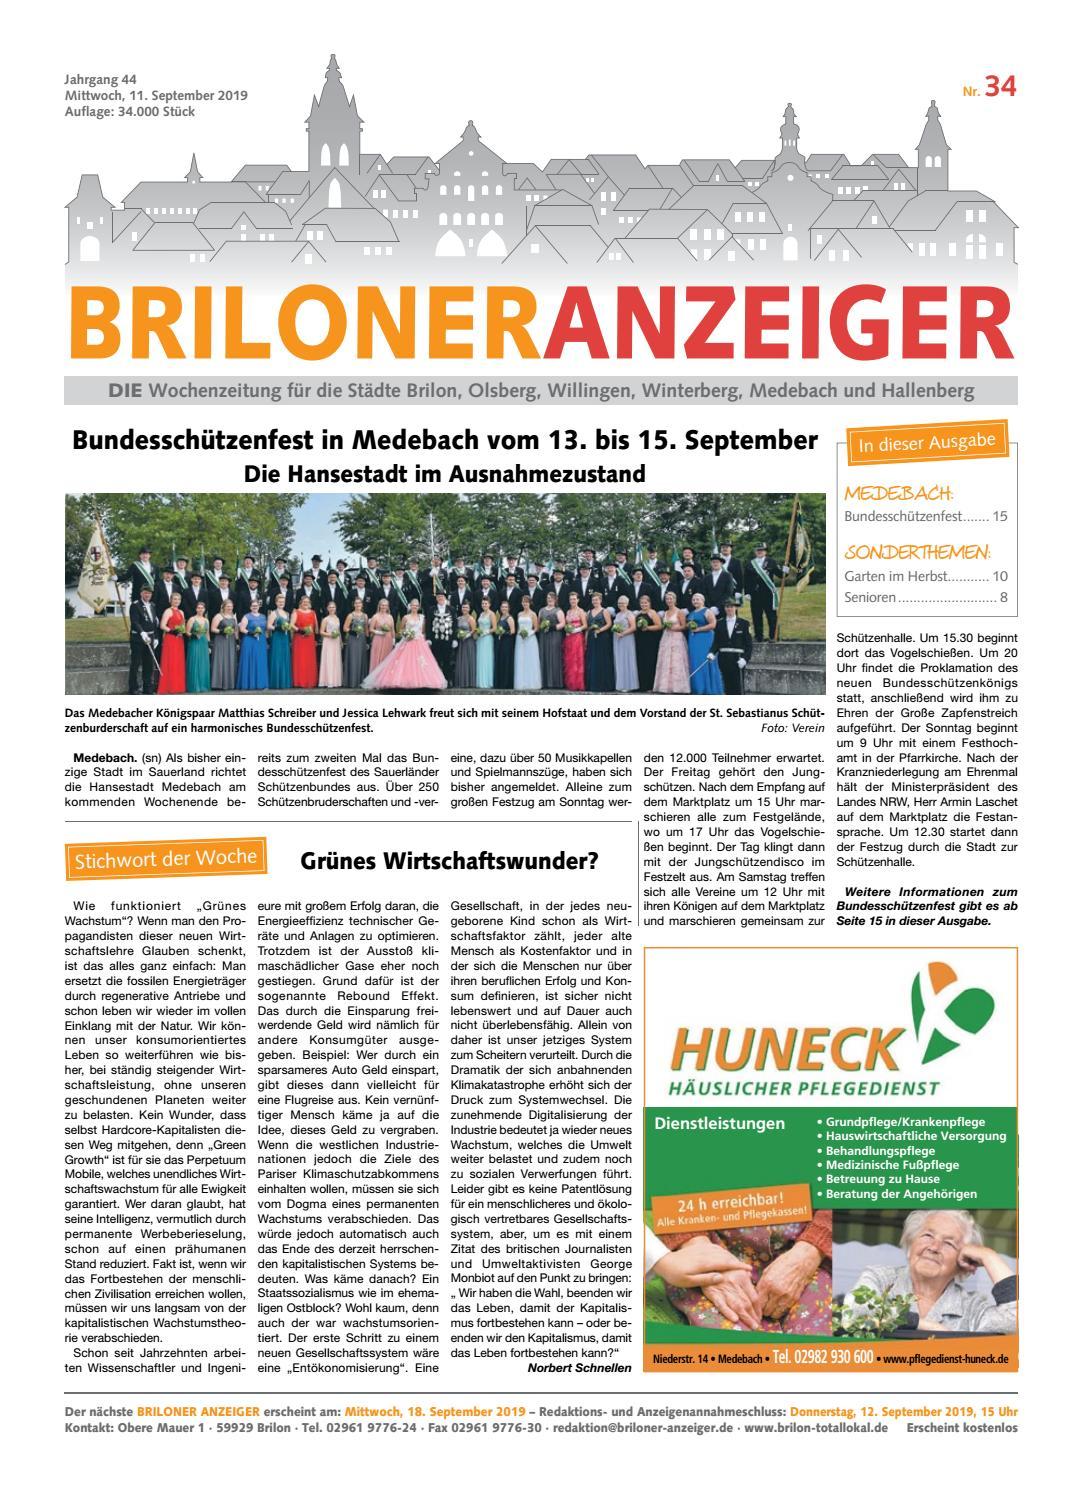 Briloner Anzeiger Ausgabe Vom 11092019 Nr34 By Brilon